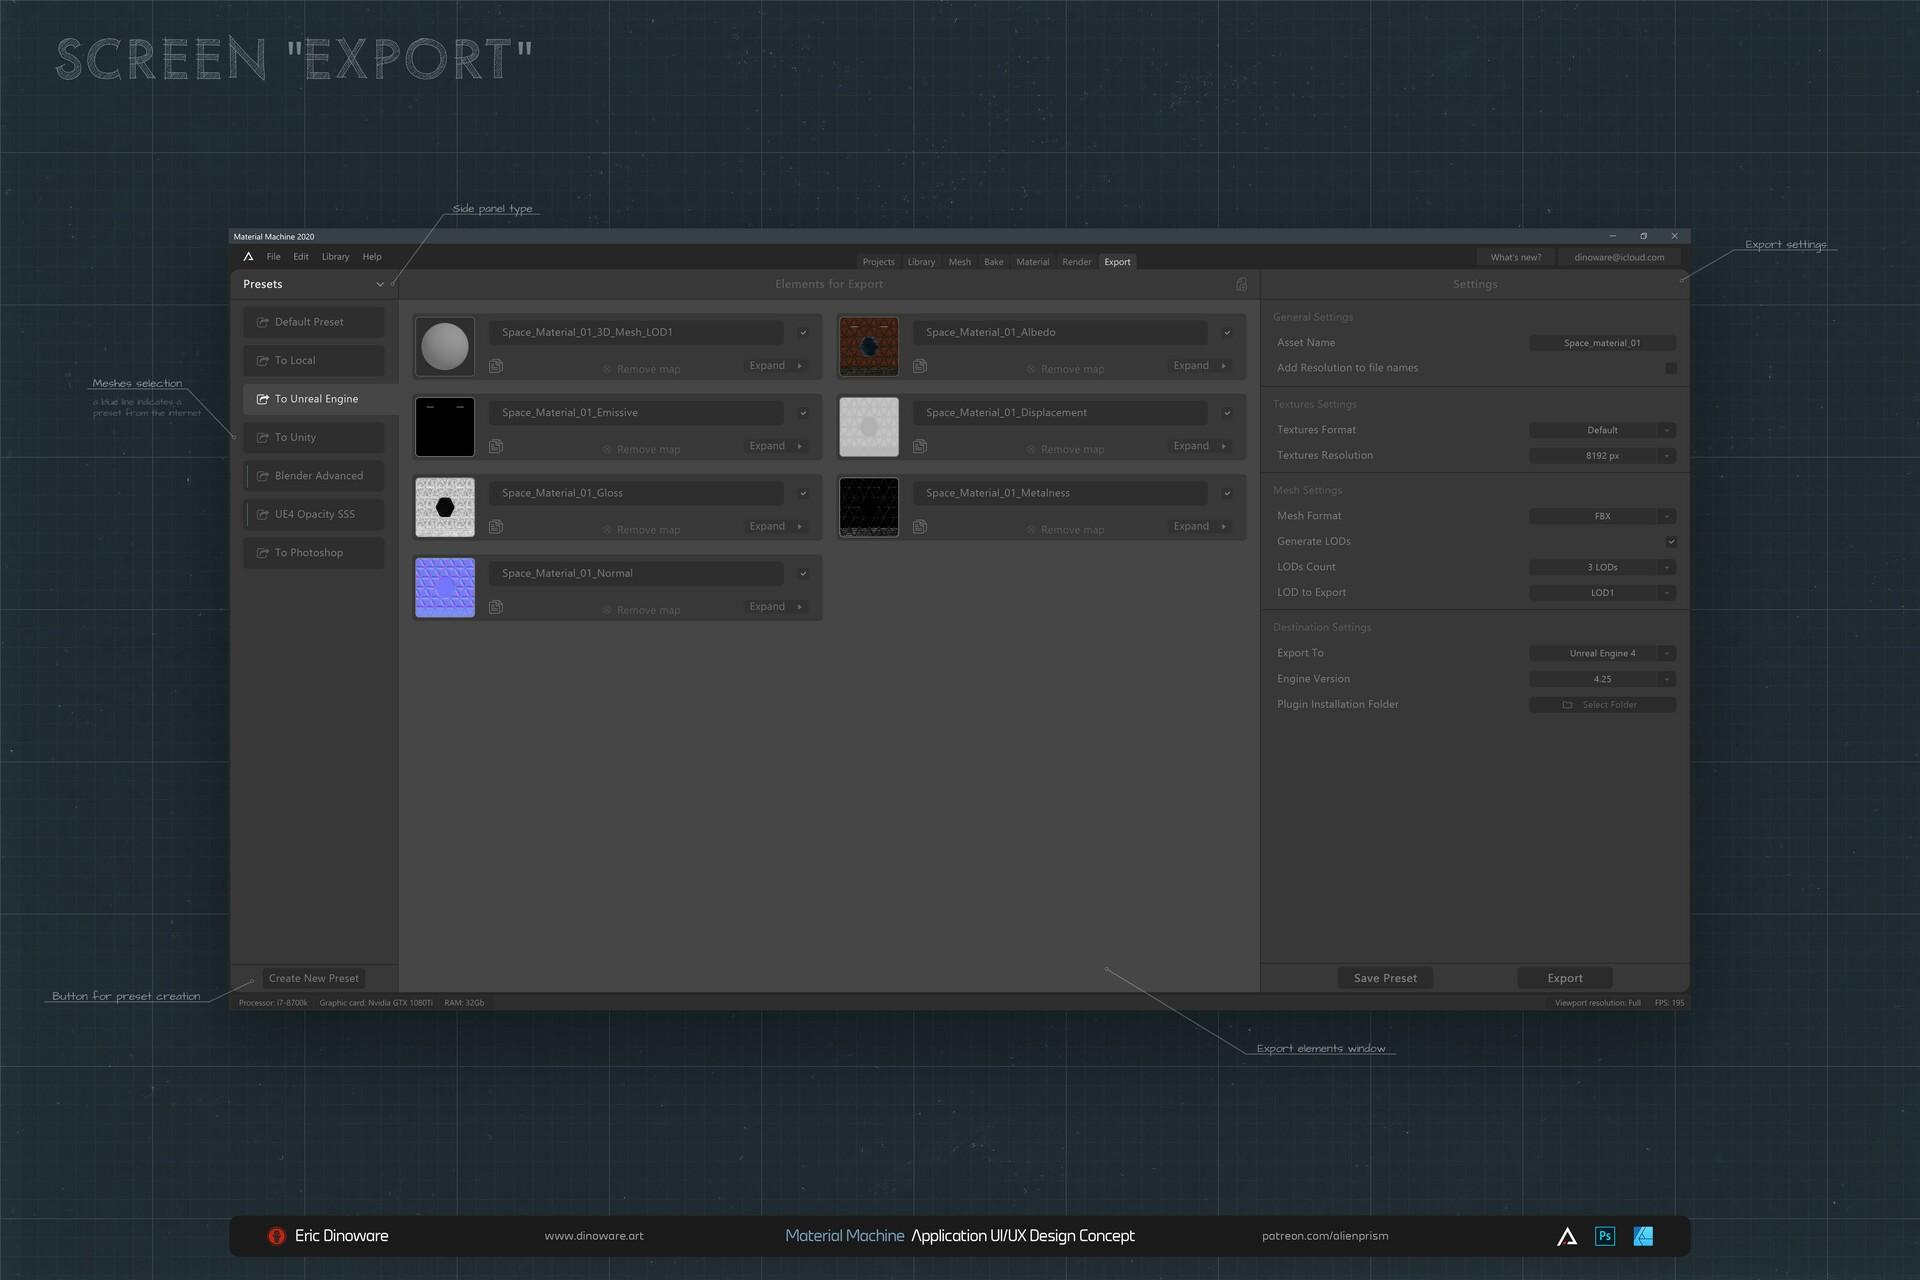 Screen: Export